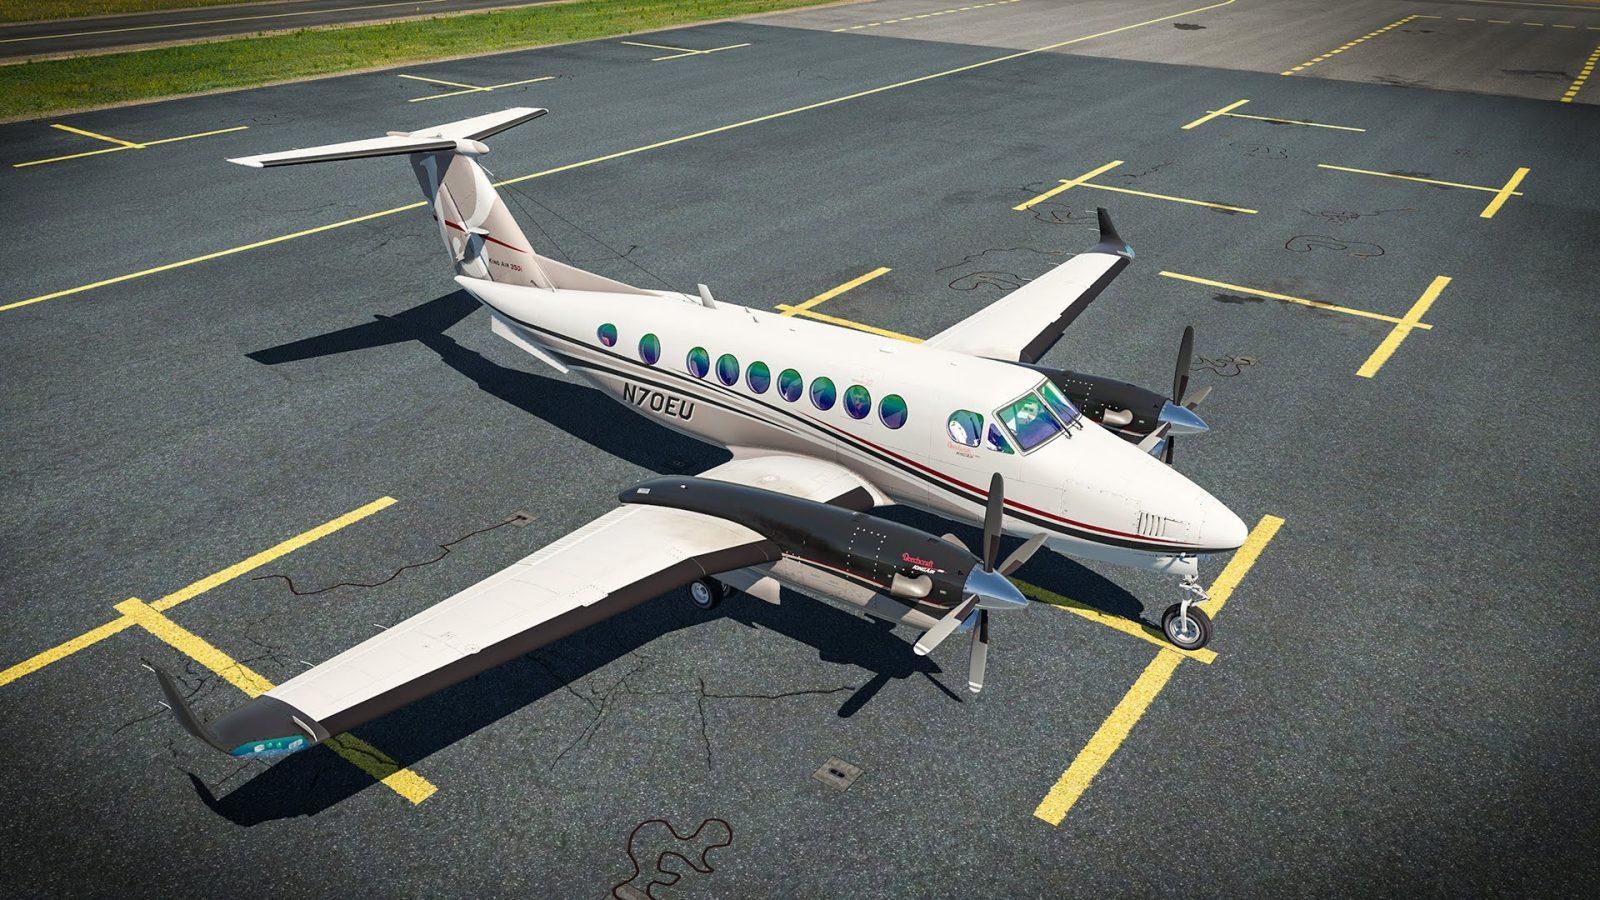 airfoillabs-king-air-350-33-1600x900.jpg